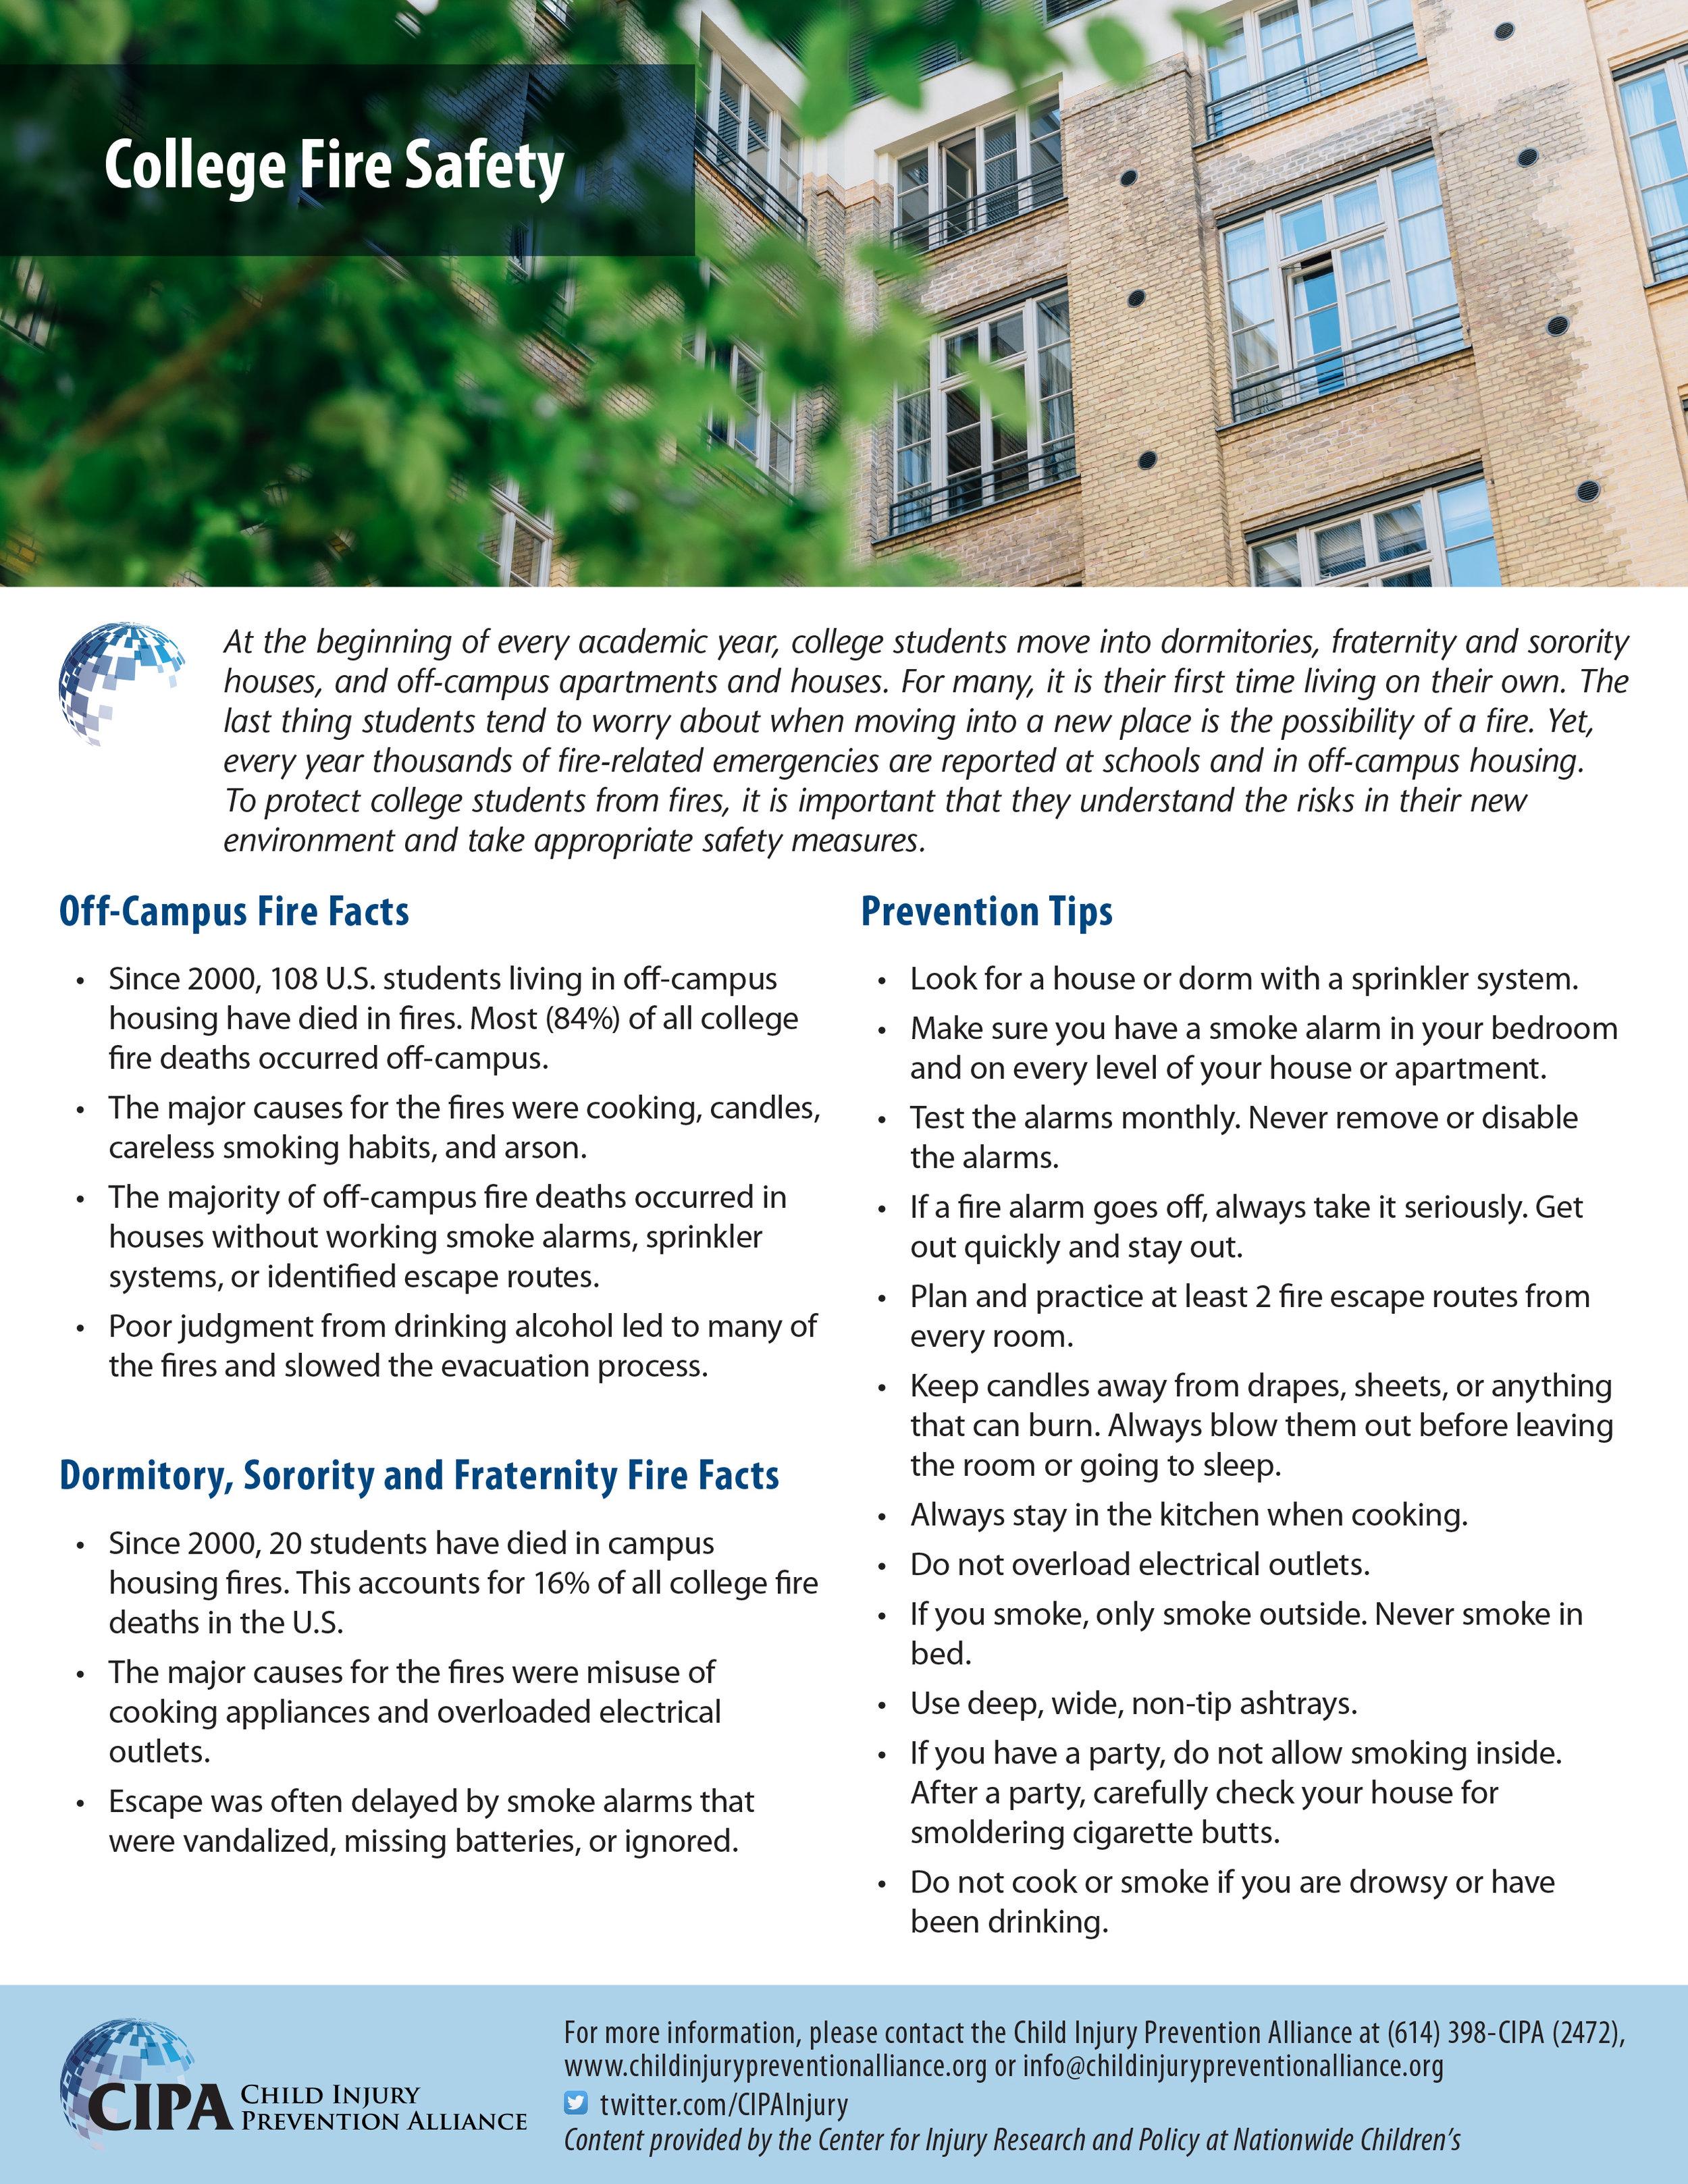 college-fire-safety-fact-sheet.jpg